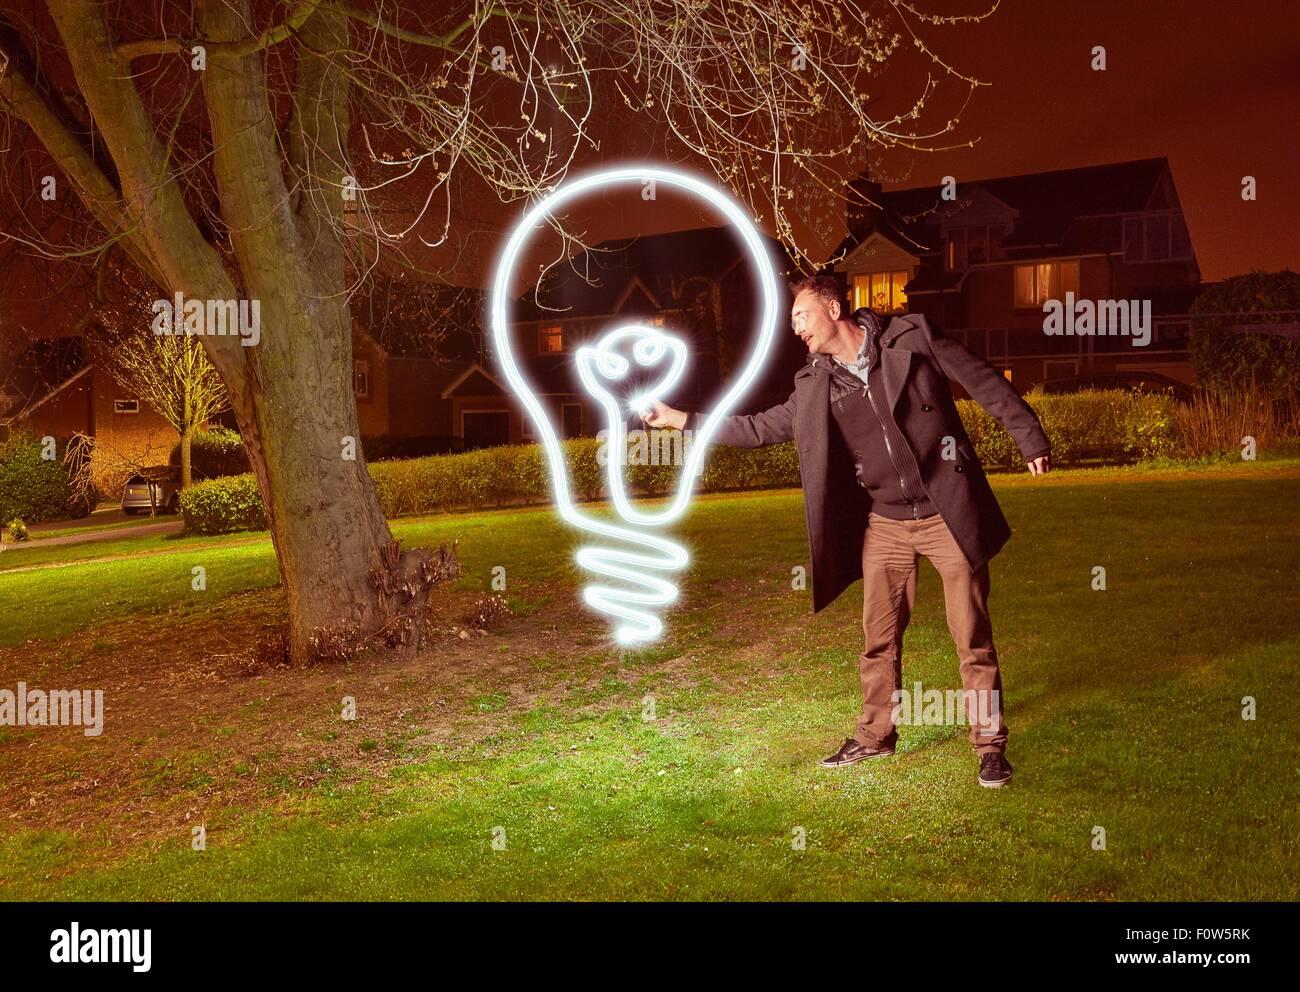 Artiste peinture lumière une ampoule symbole dans park Photo Stock